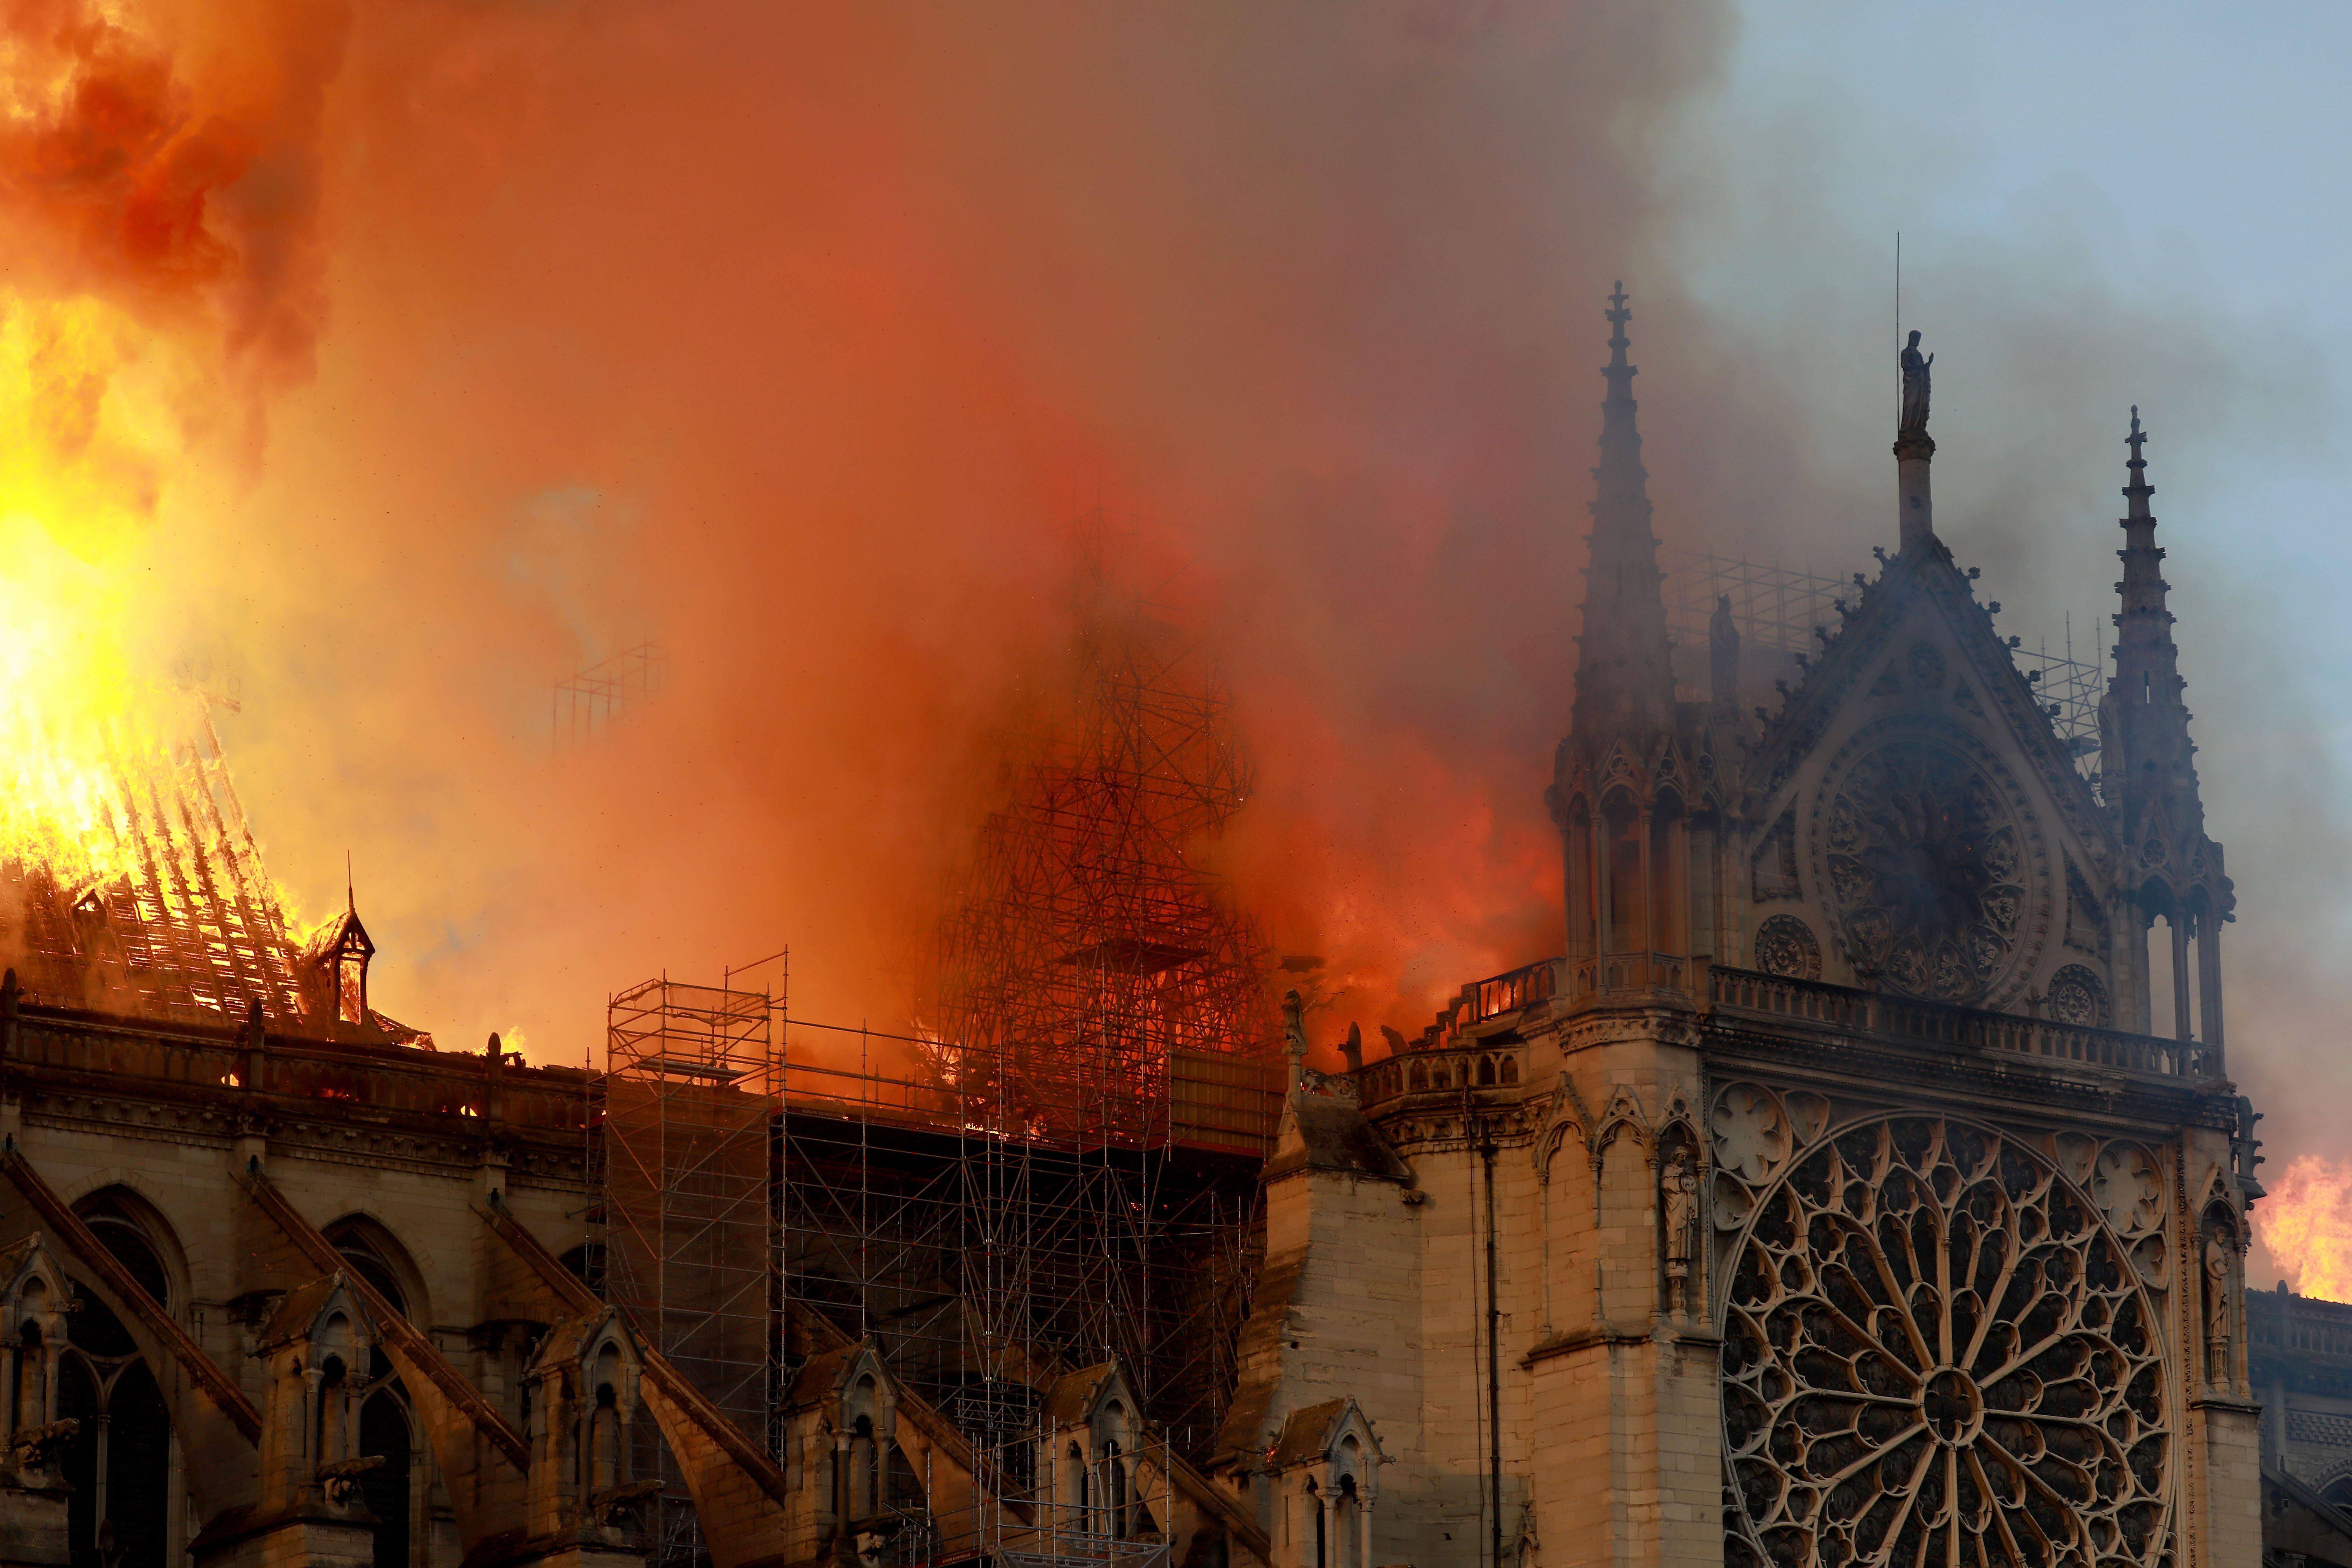 Incendie de Notre-Dame   Source : Getty Images